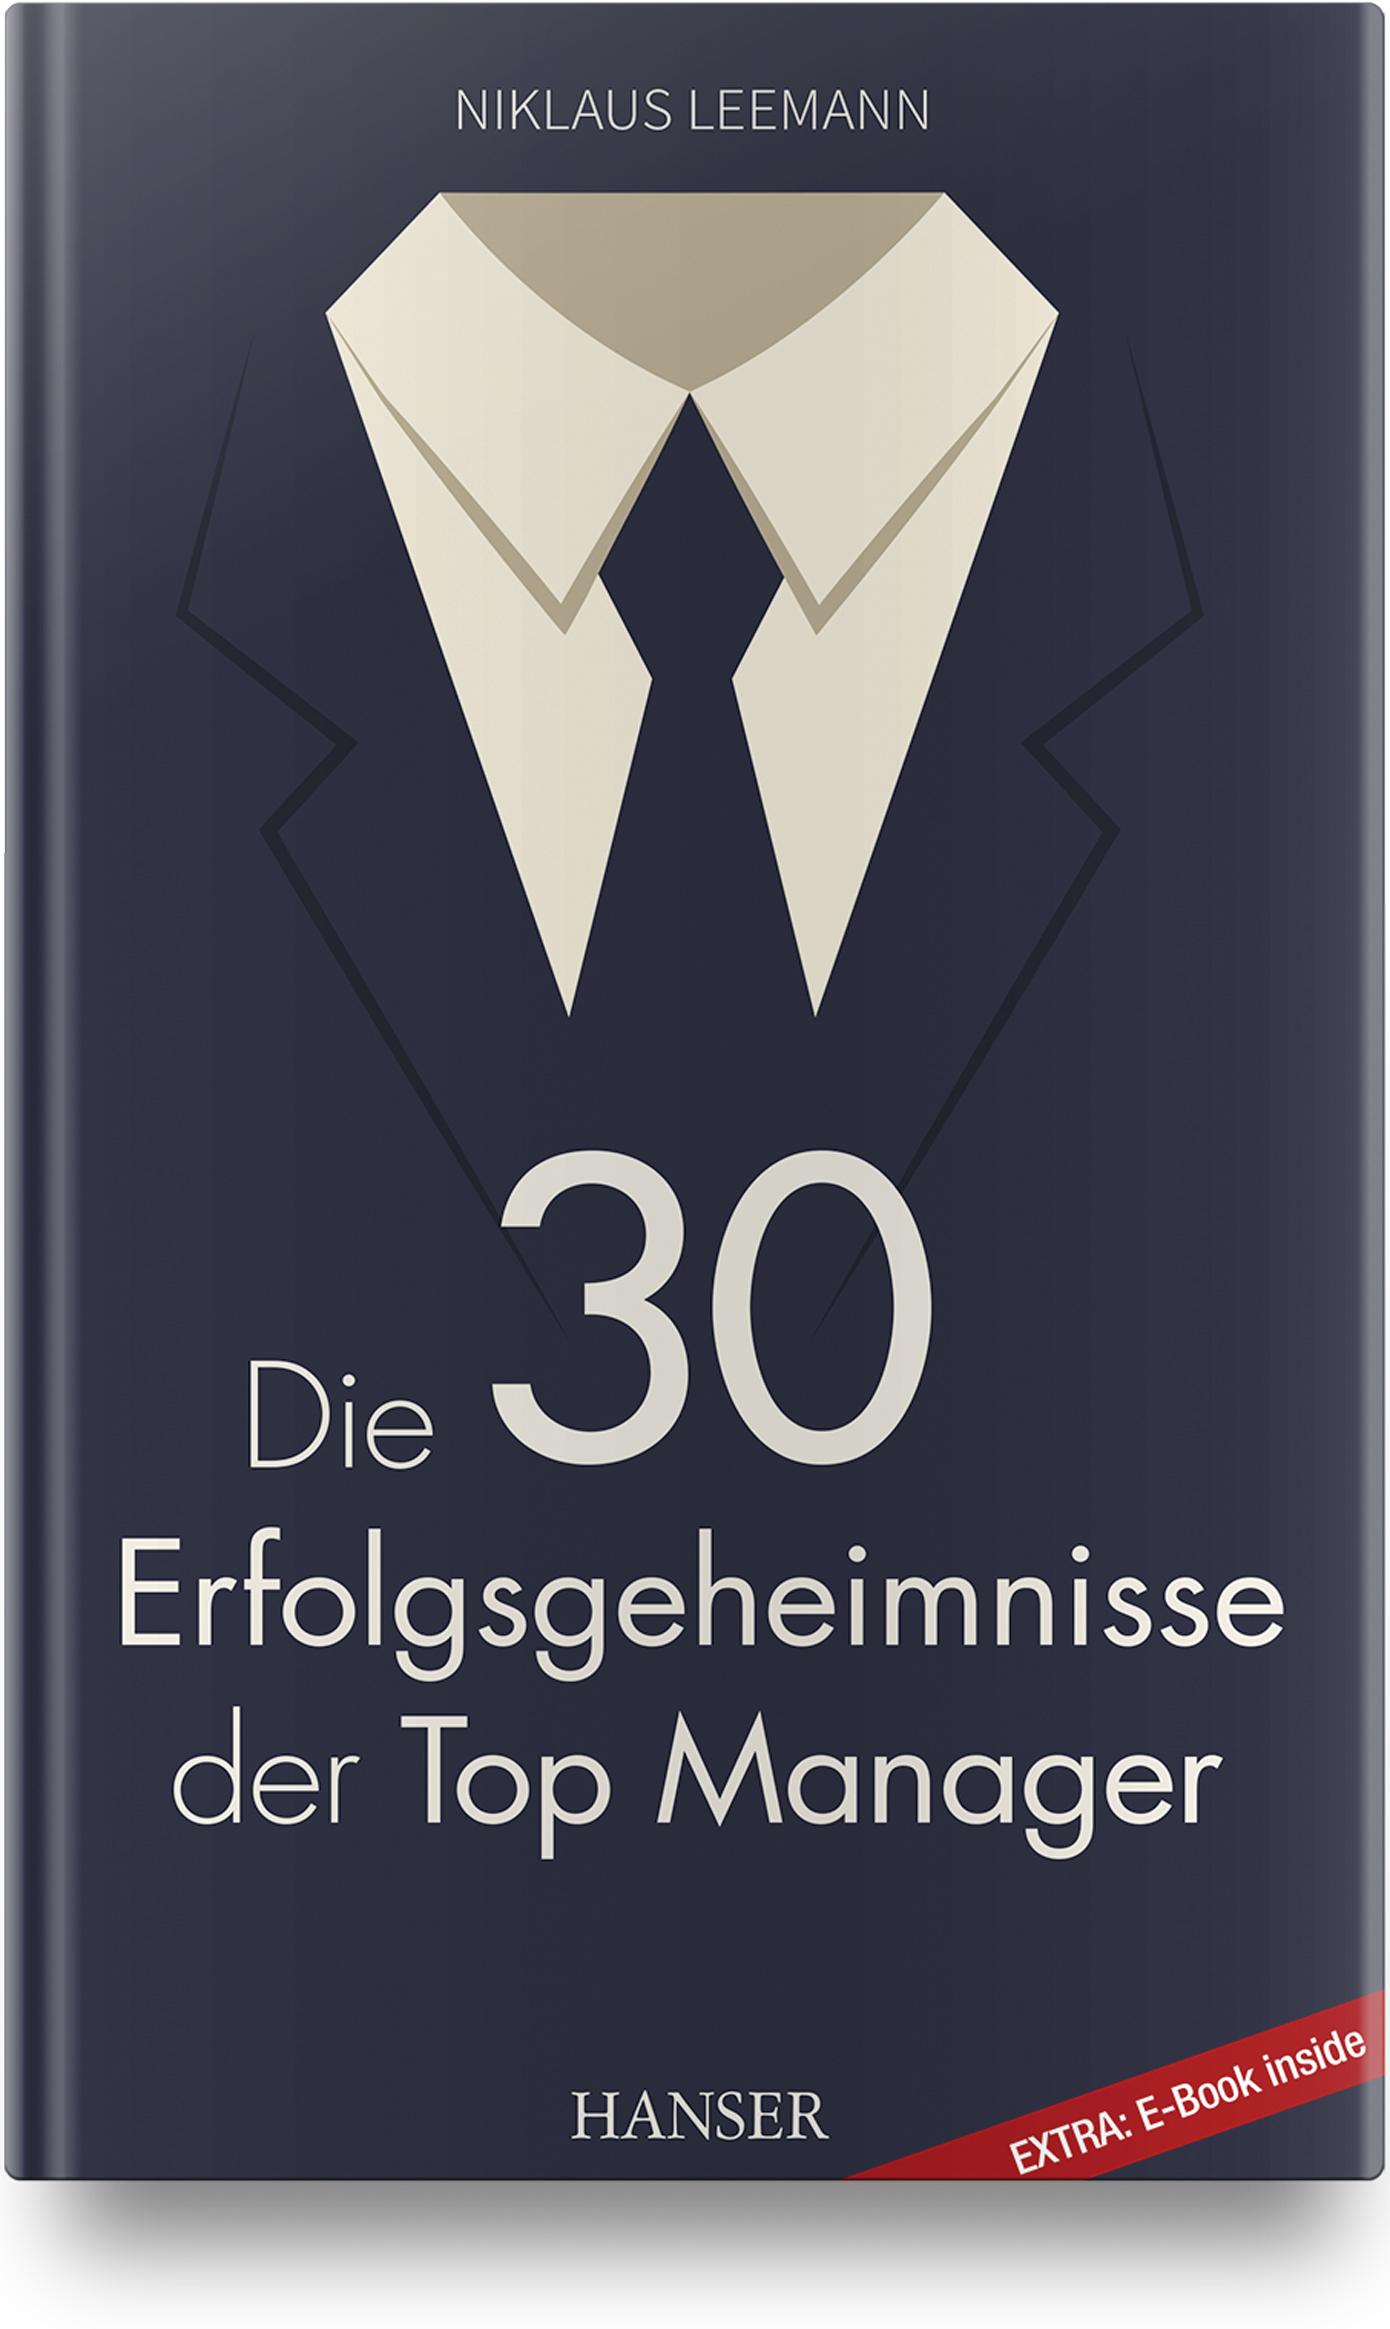 Leemann, Die 30 Erfolgsgeheimnisse der Top Manager, 978-3-446-45816-1